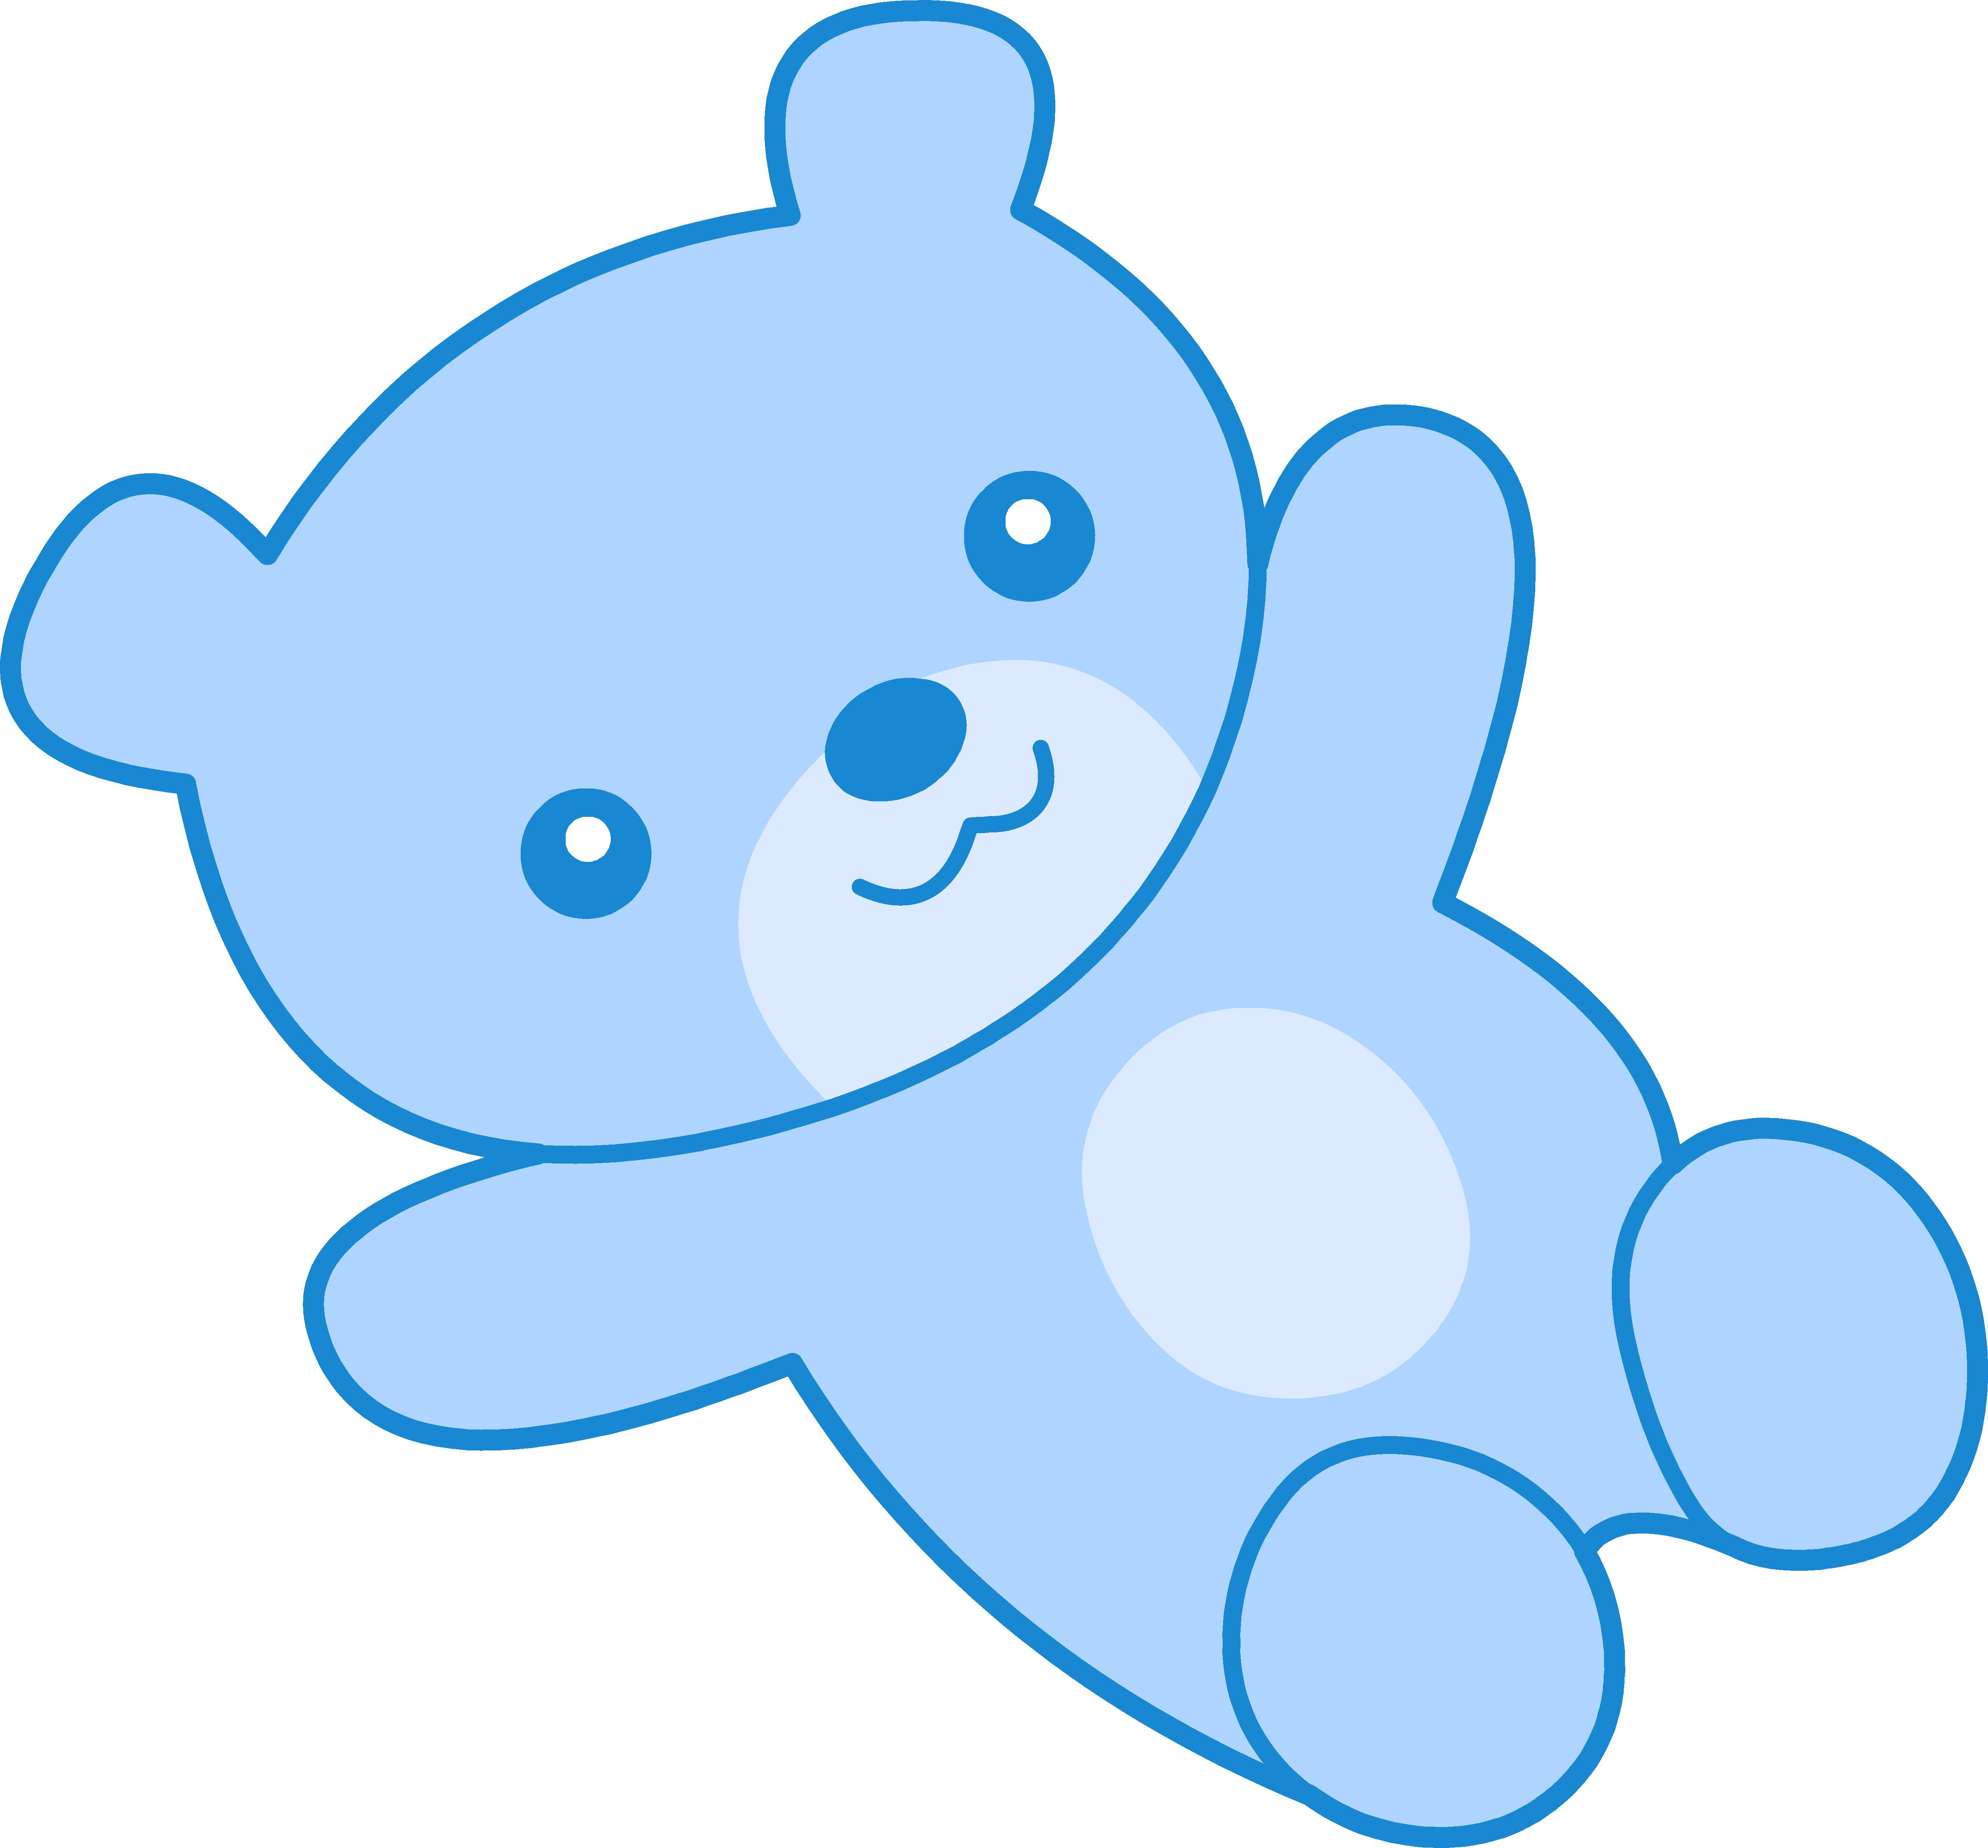 Teddy bear clipart images